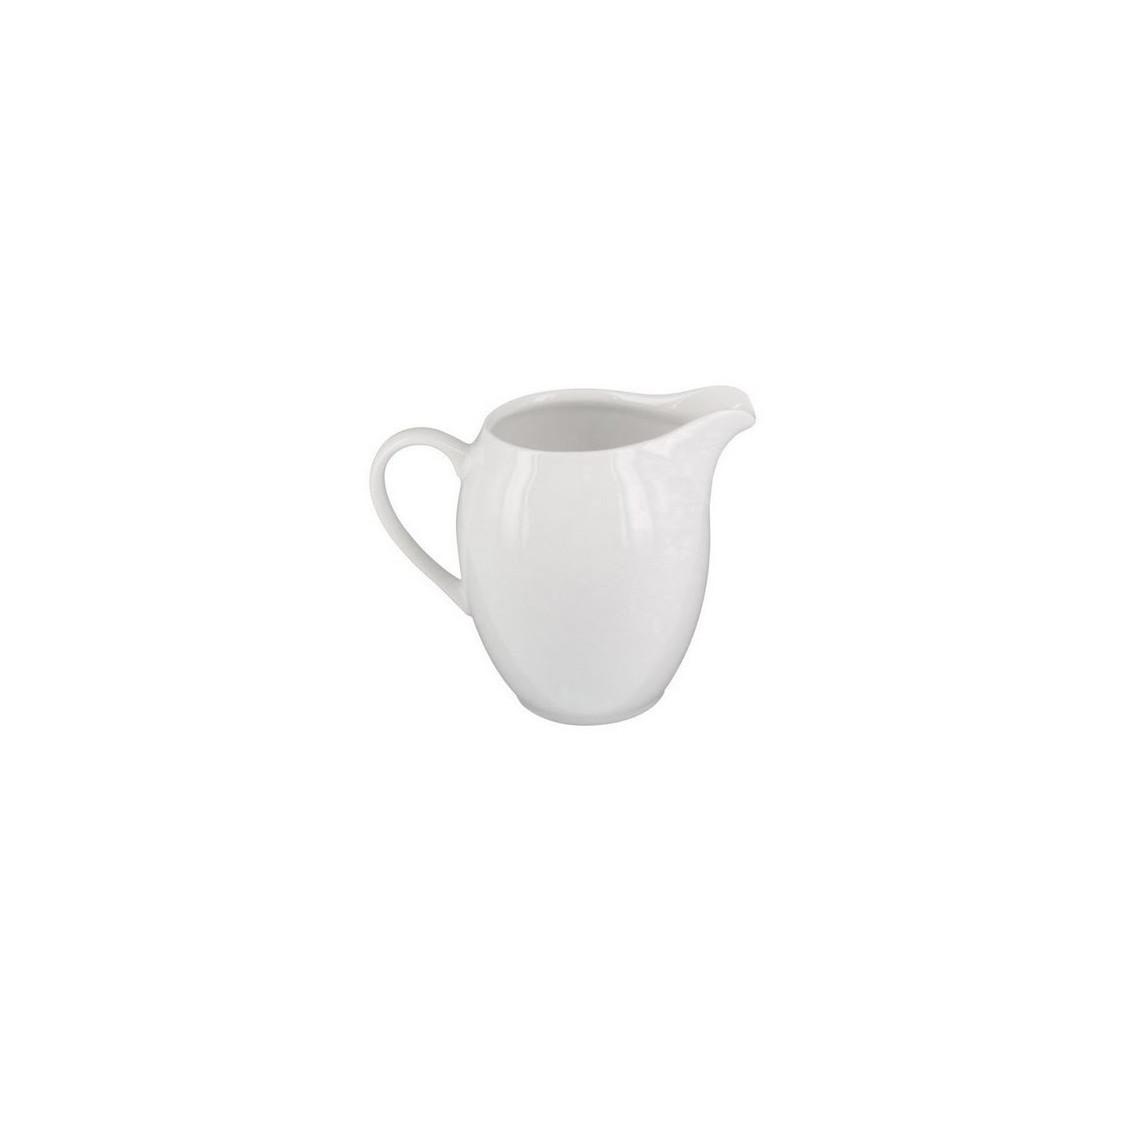 Pot à lait porcelaine Norma (25 cl)